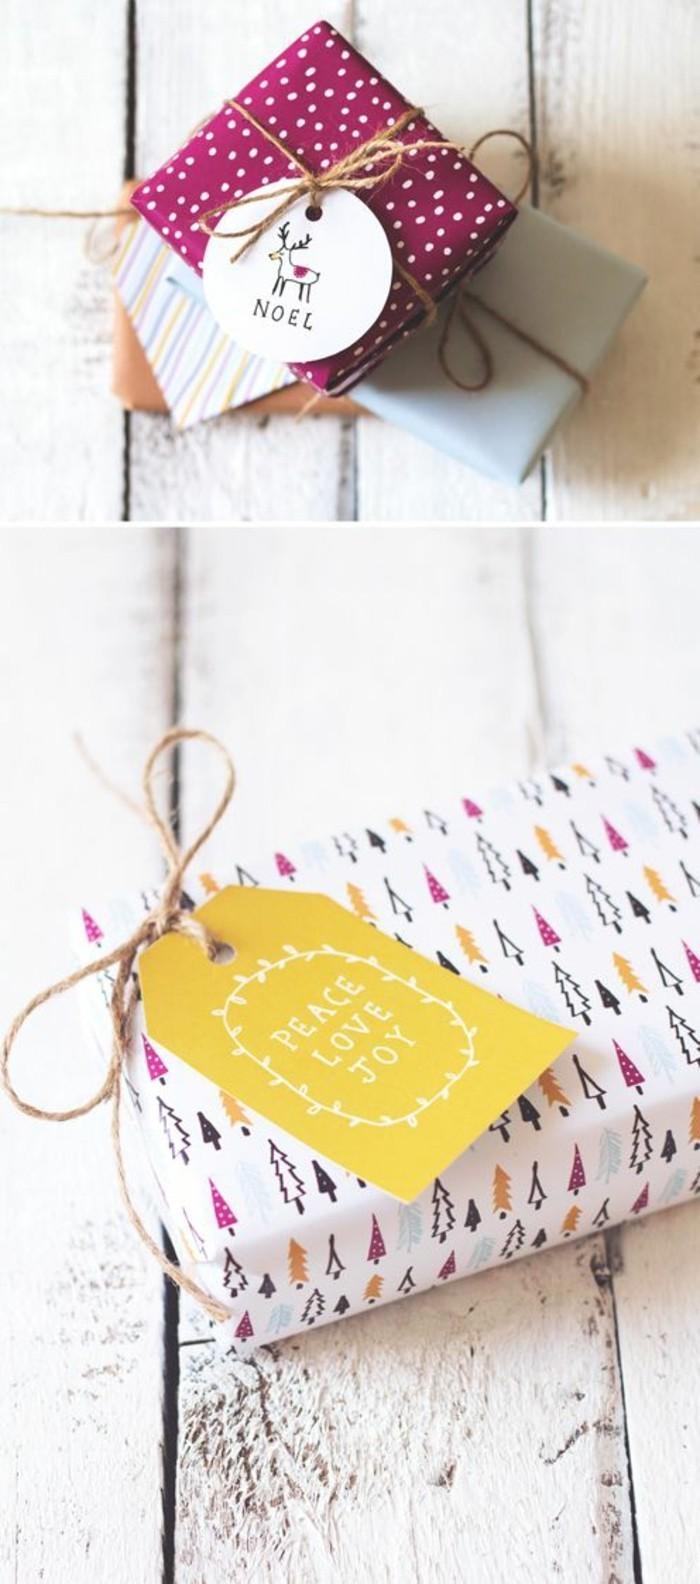 Le-papier-cadeau-personnalisé-idée-embalage-noel-emballage-cadeau-cool